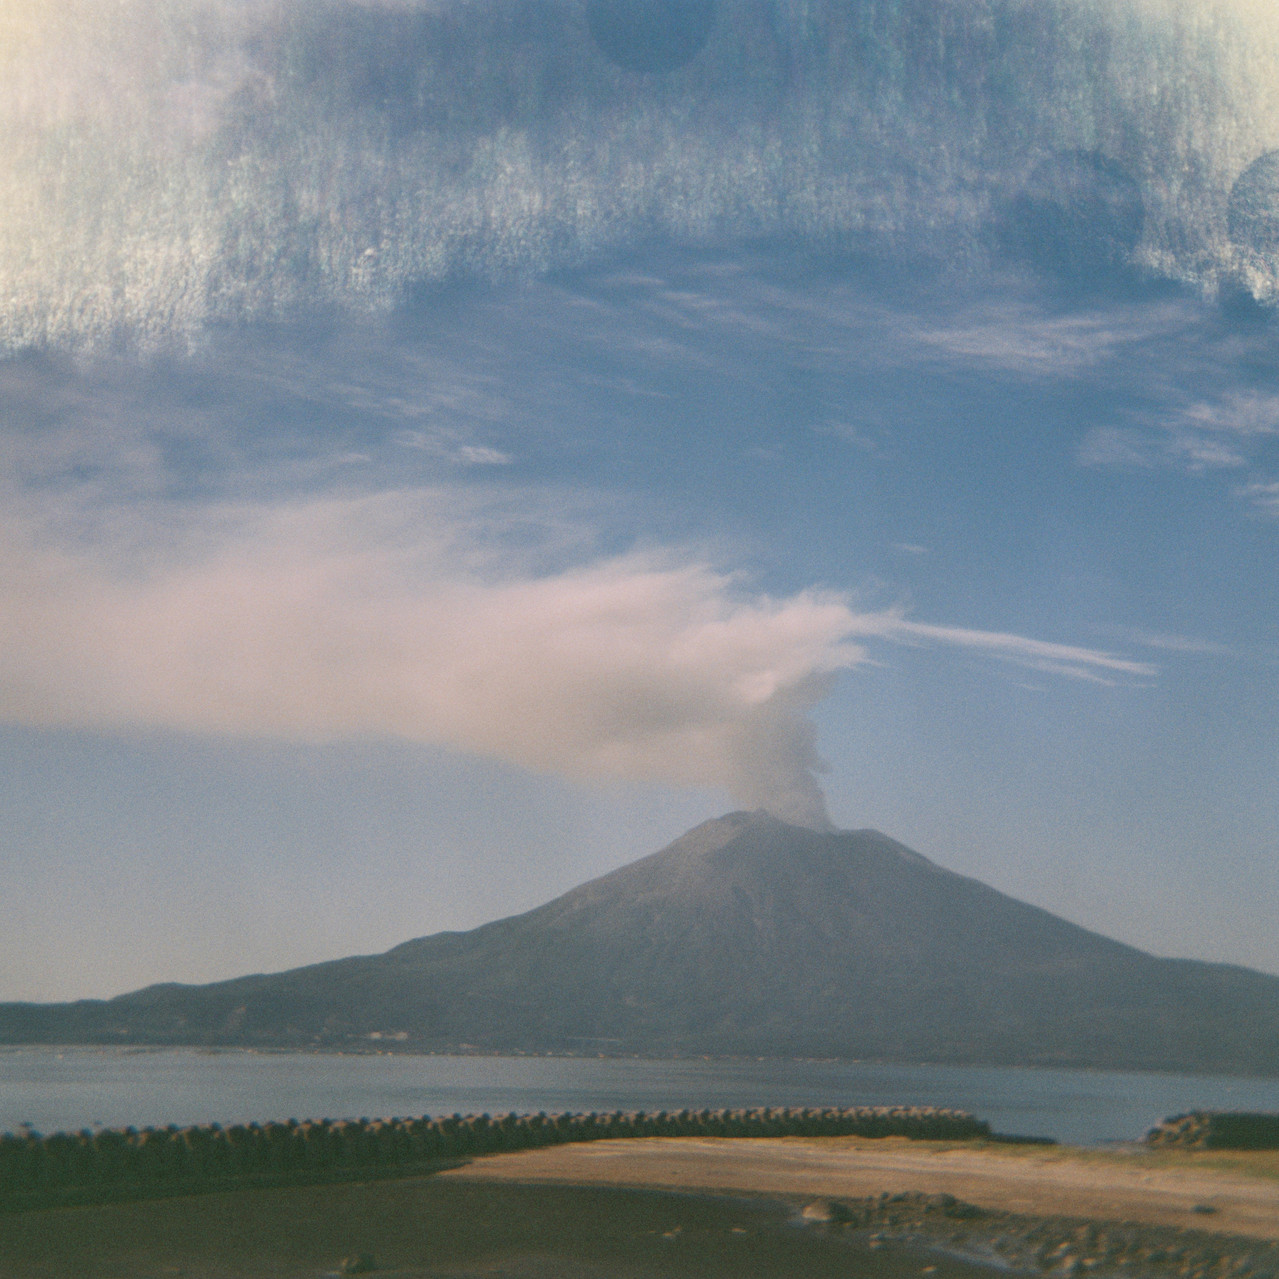 Sakurajima (October 31st, 2019) II